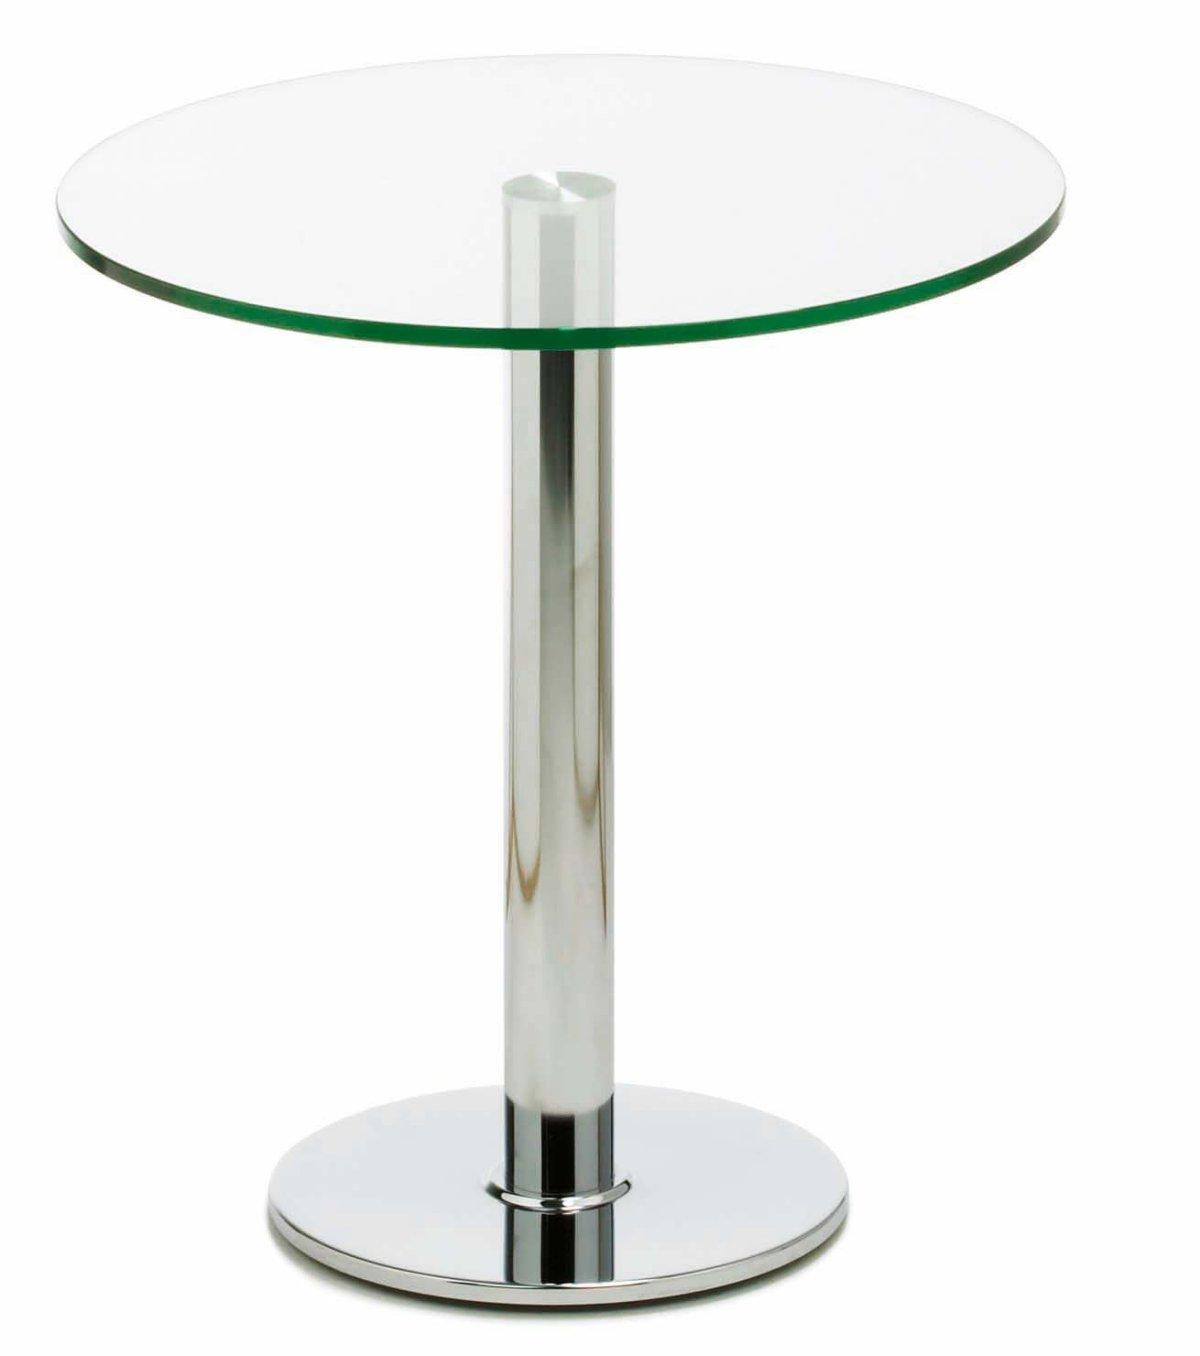 Barhocker Und Tisch ist genial design für ihr haus ideen